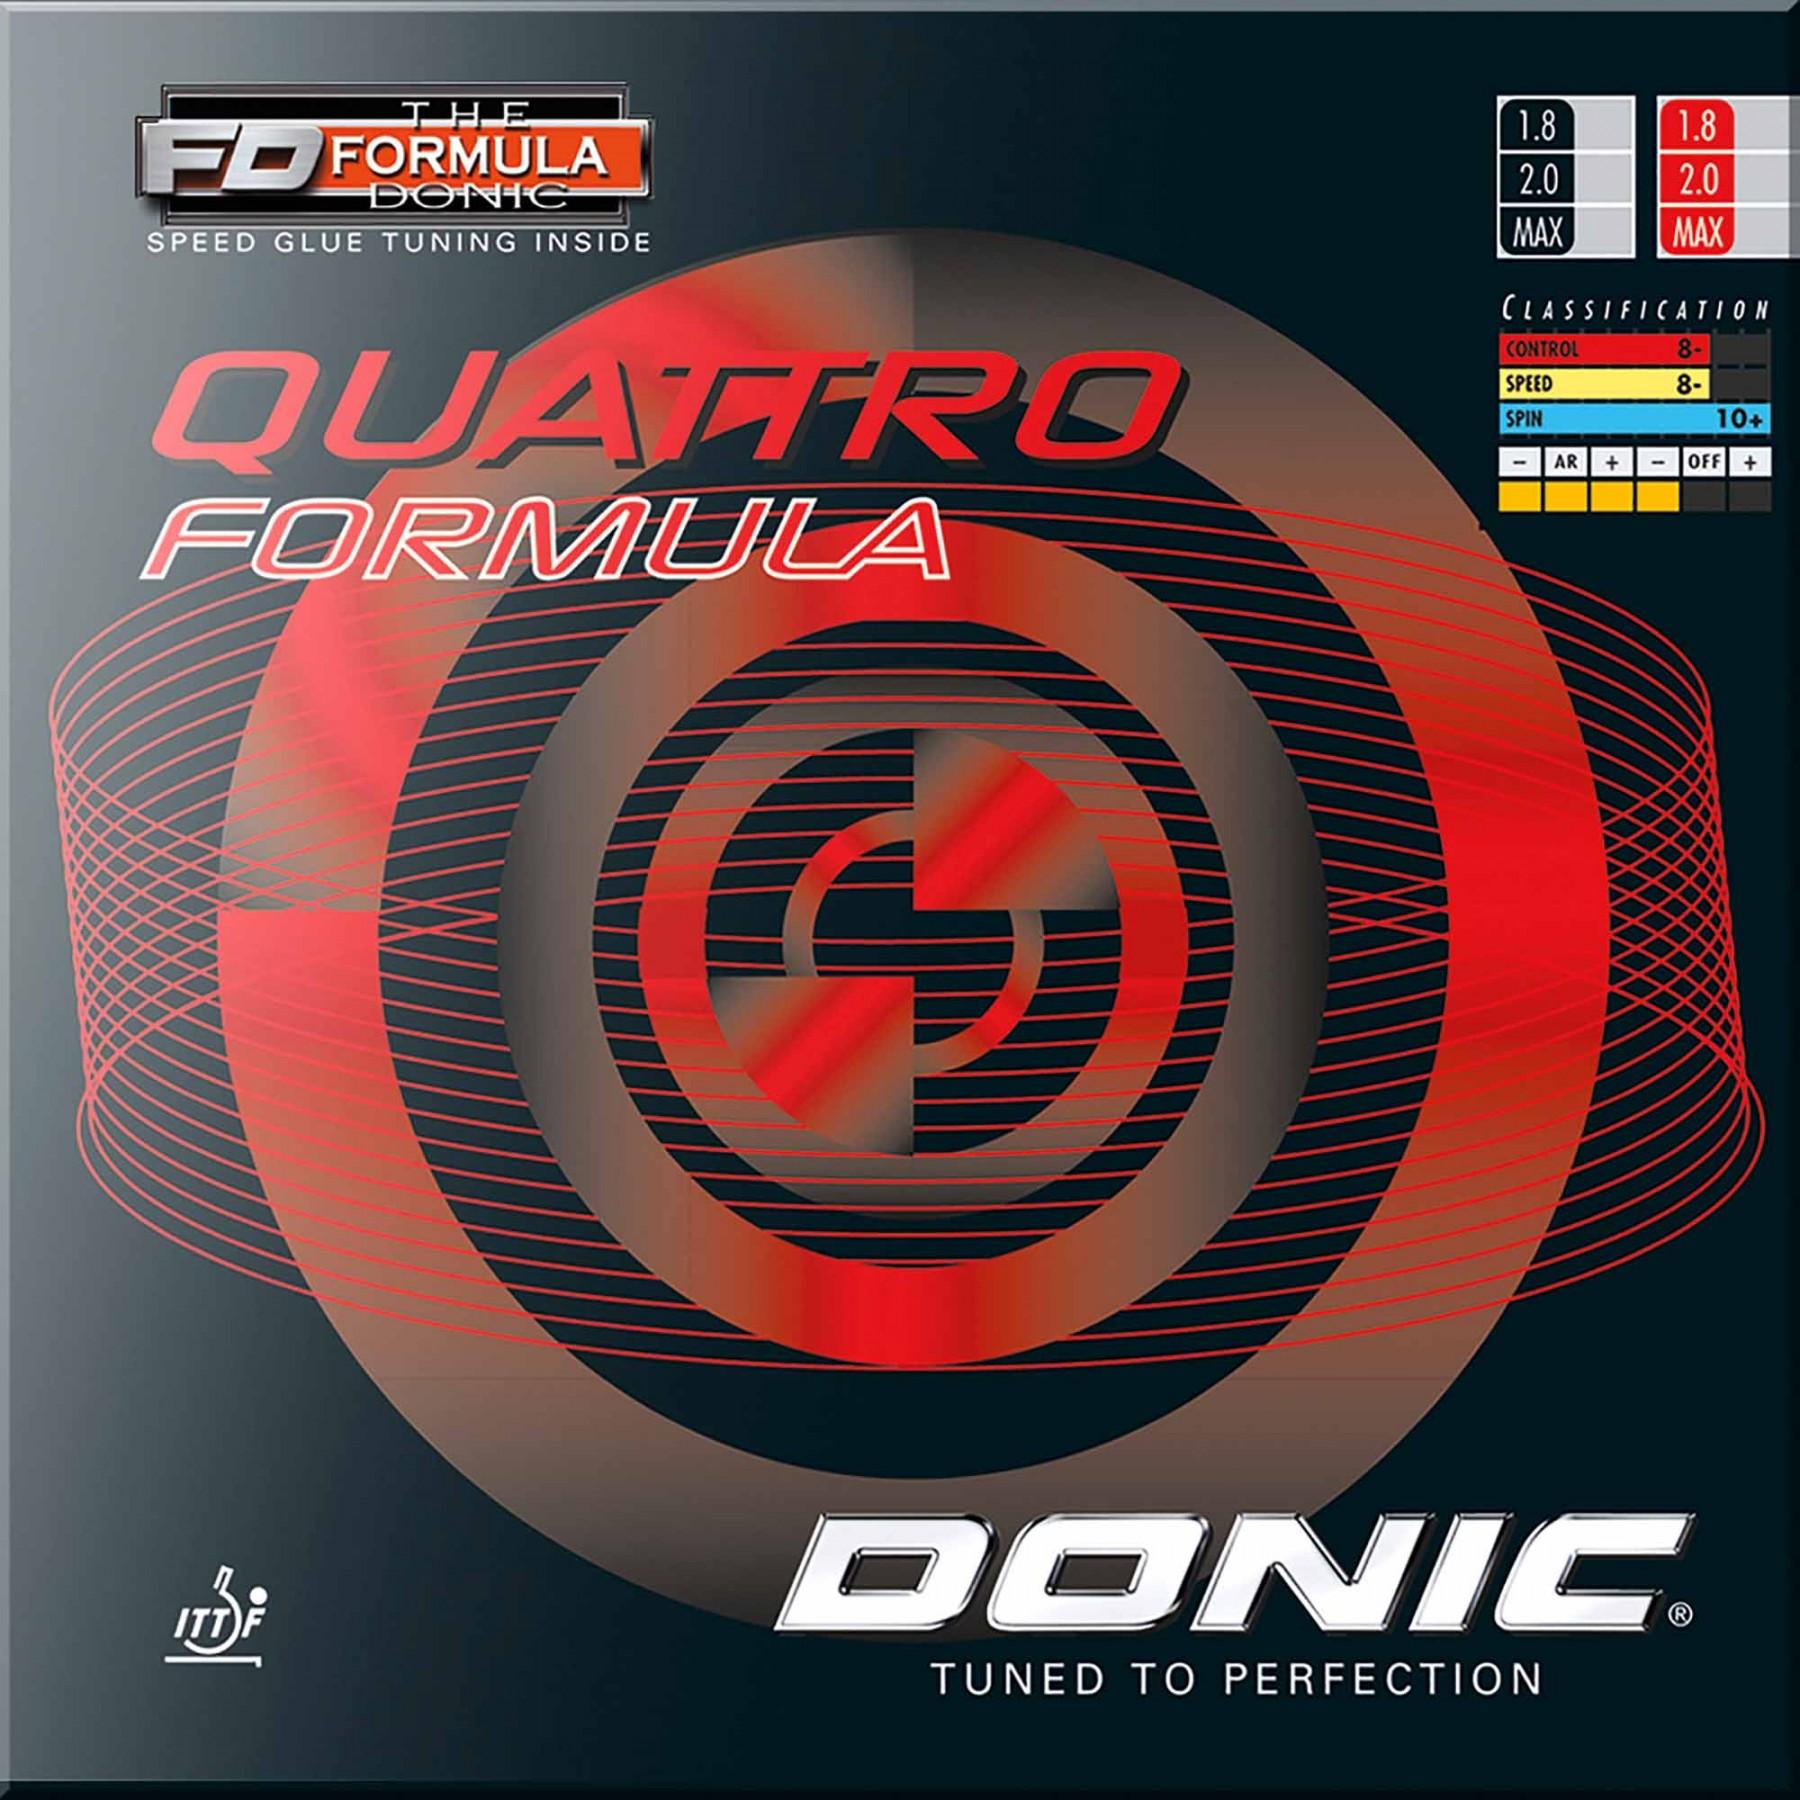 donic-quattro-formula